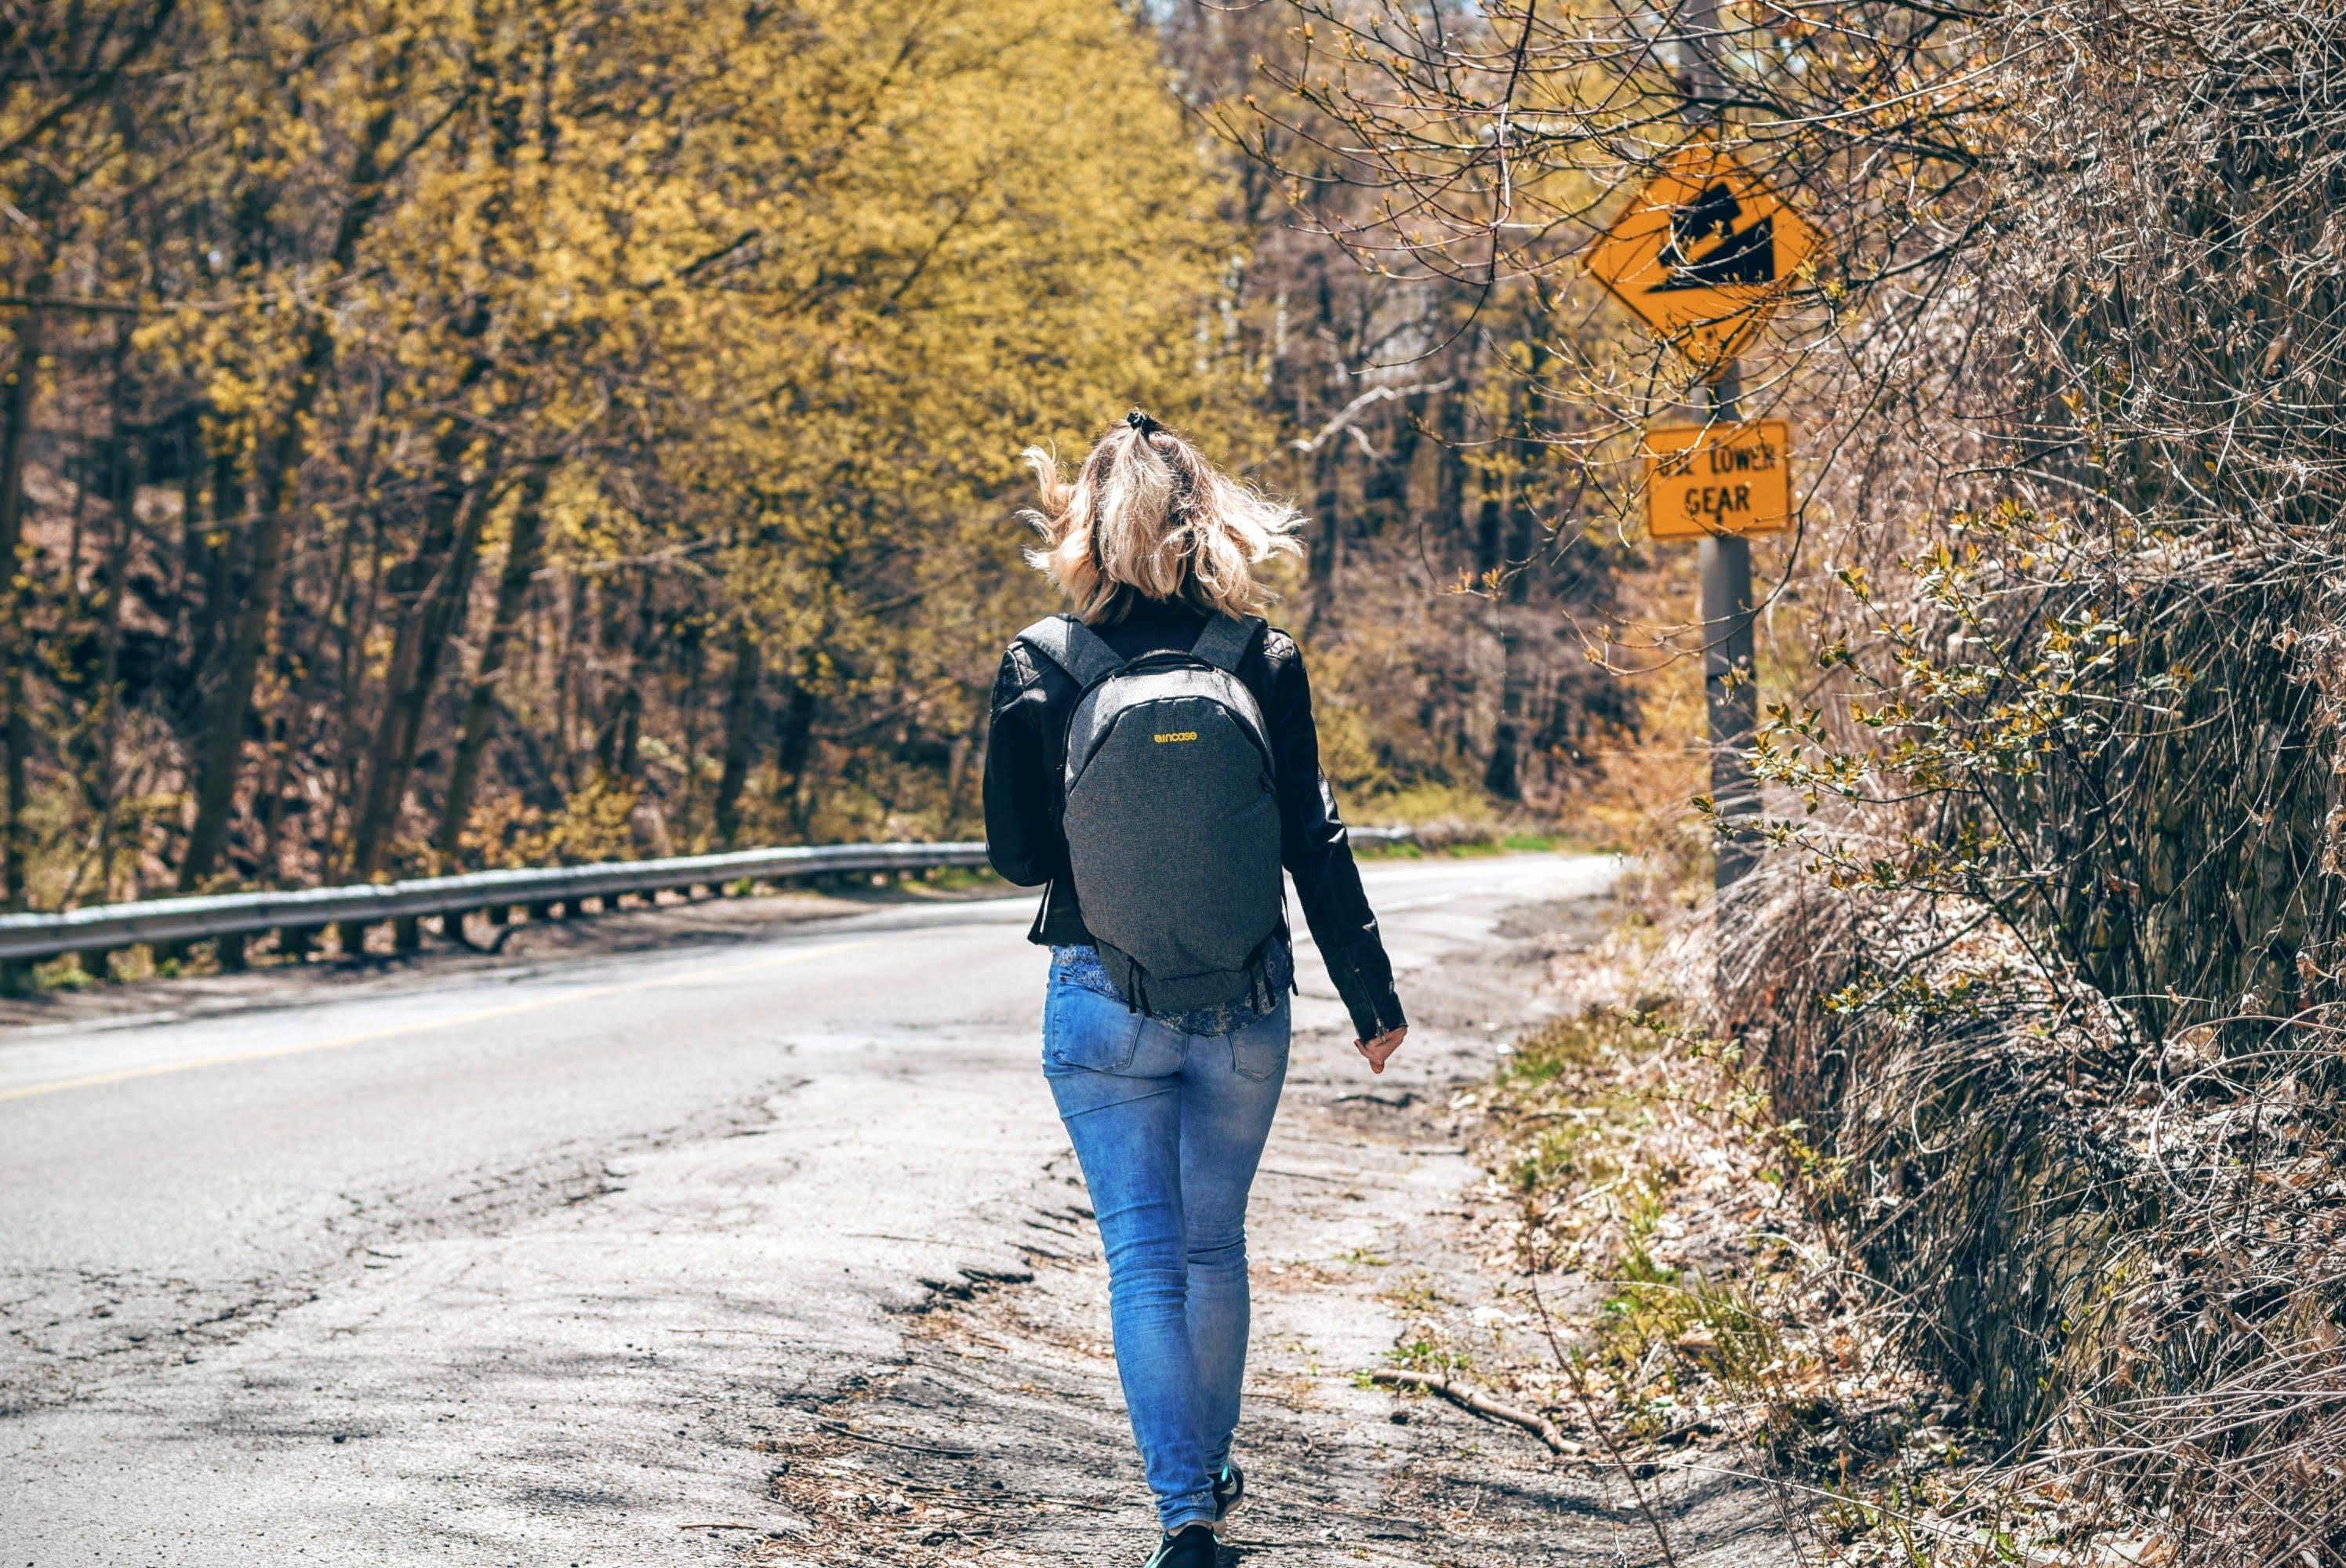 Gratis stockfoto met asfalt, backpack, barst, blondine